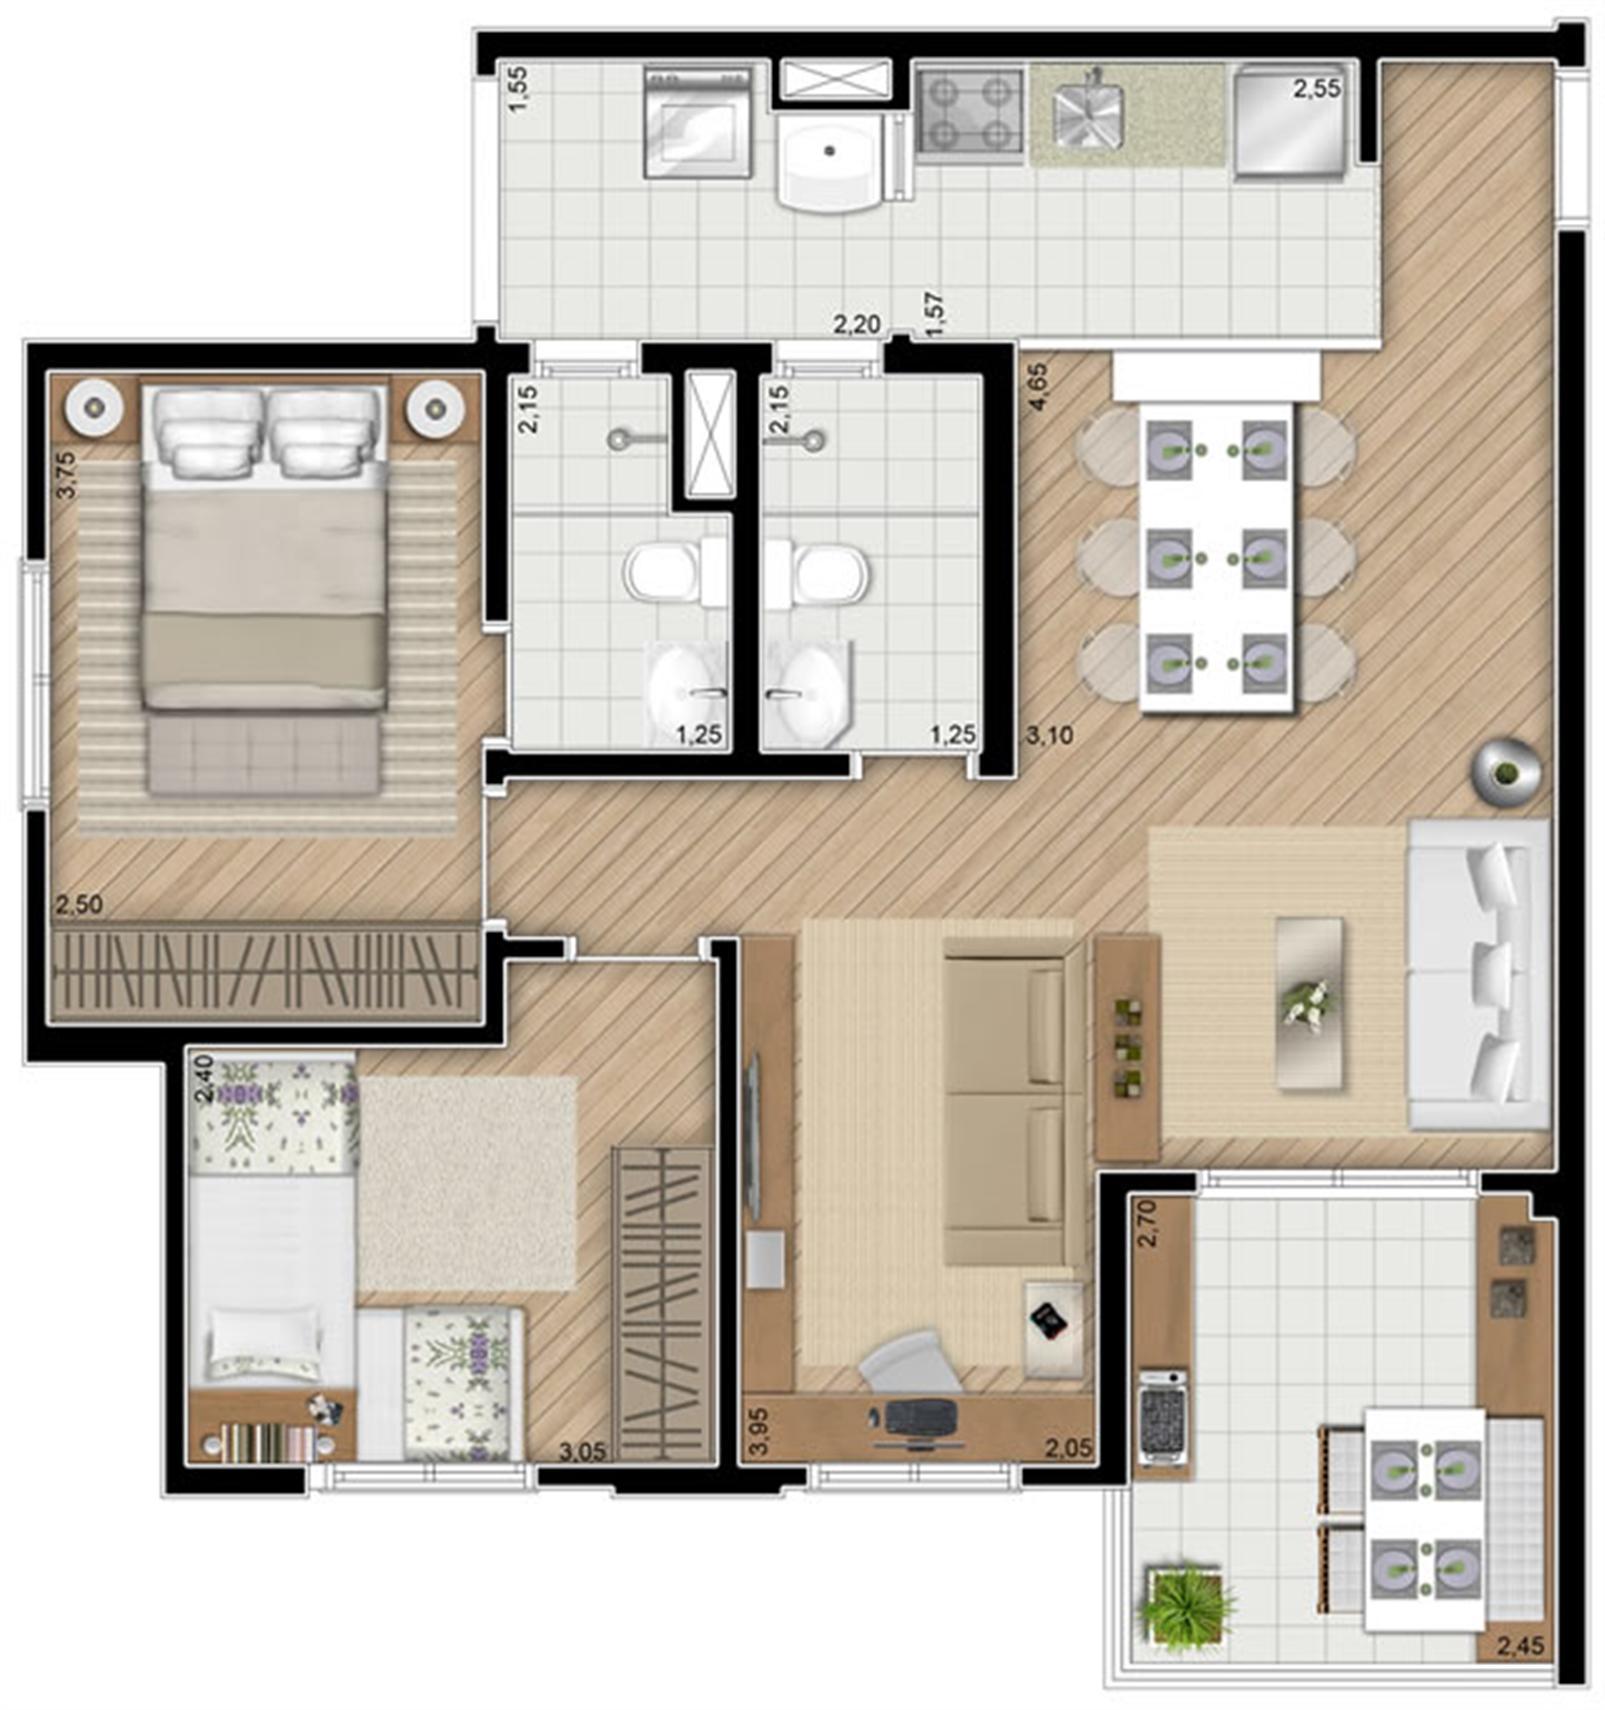 Torre Violeta. Planta - Opção do apartamento de 68 m² privativos, 2 dormitórios (1 suíte) | Alameda Cotegipe – Apartamentono  Belém - São Paulo - São Paulo